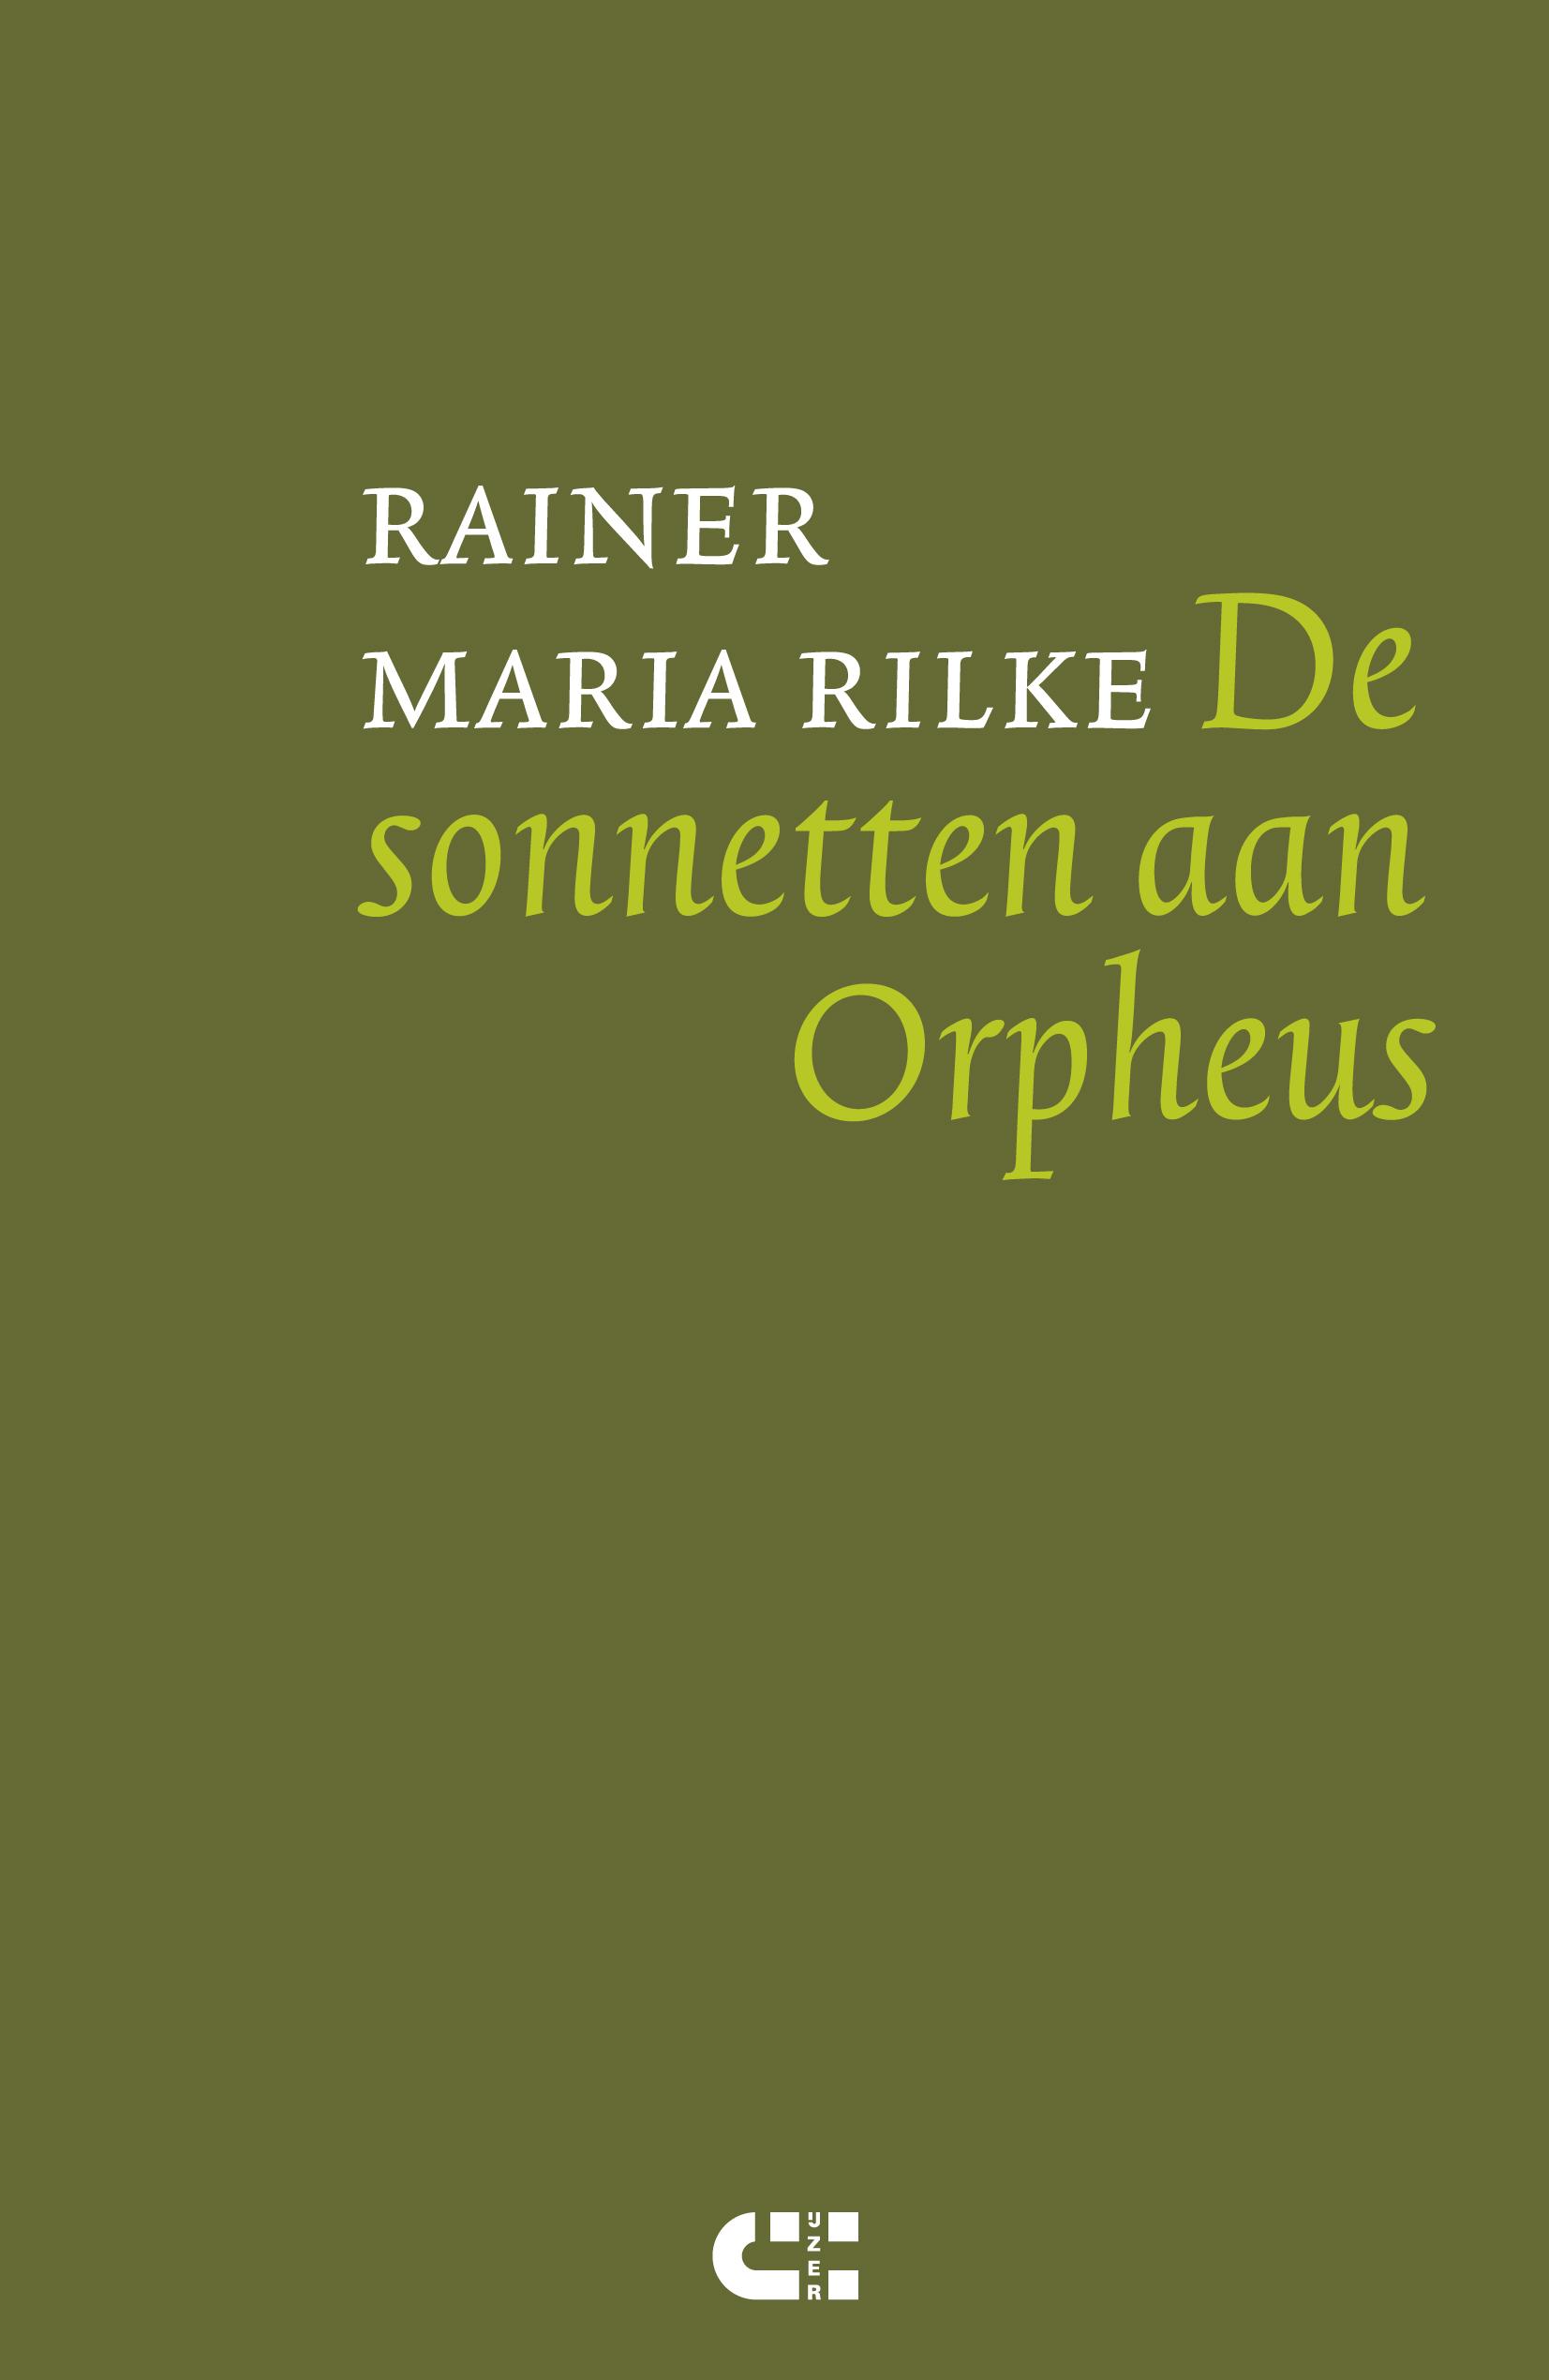 damiaan_renkens_RILKE_ORPHEUS.indd